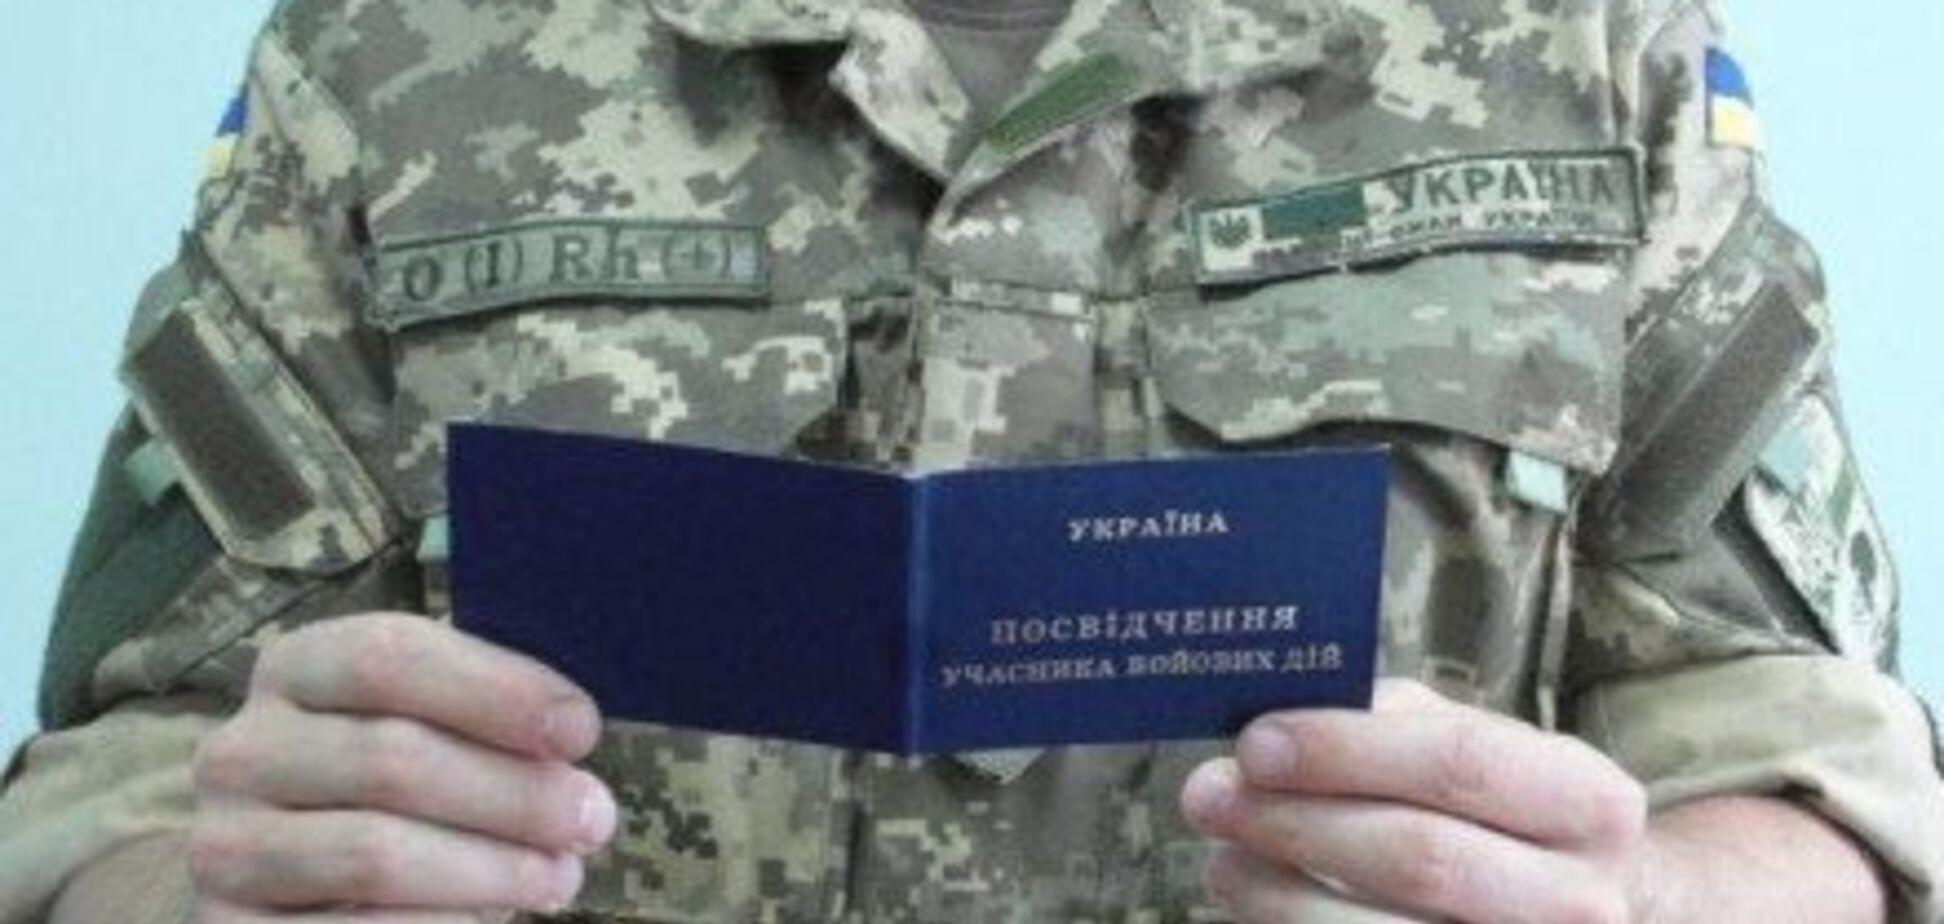 'Цинизм за гранью добра и зла!' В Украине разгорелся скандал из-за удостоверений УБД